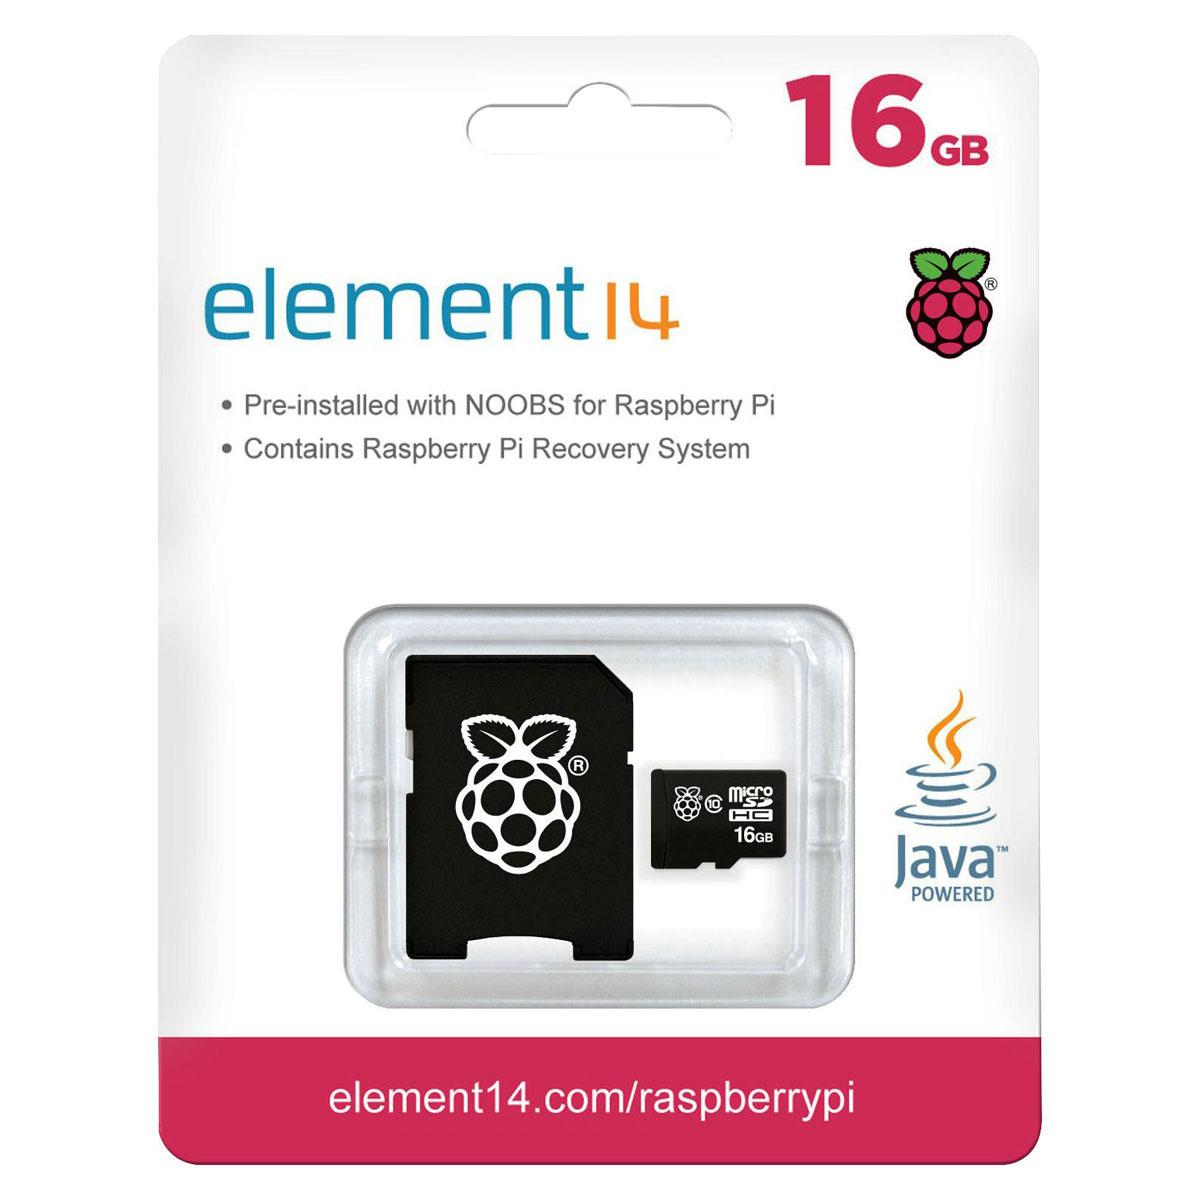 Accessoires Raspberry Pi Raspberry carte microSDHC 16 Go avec NOOBS Carte mémoire avec système d'exploitation pré-chargé pour Raspberry Pi (toutes versions)